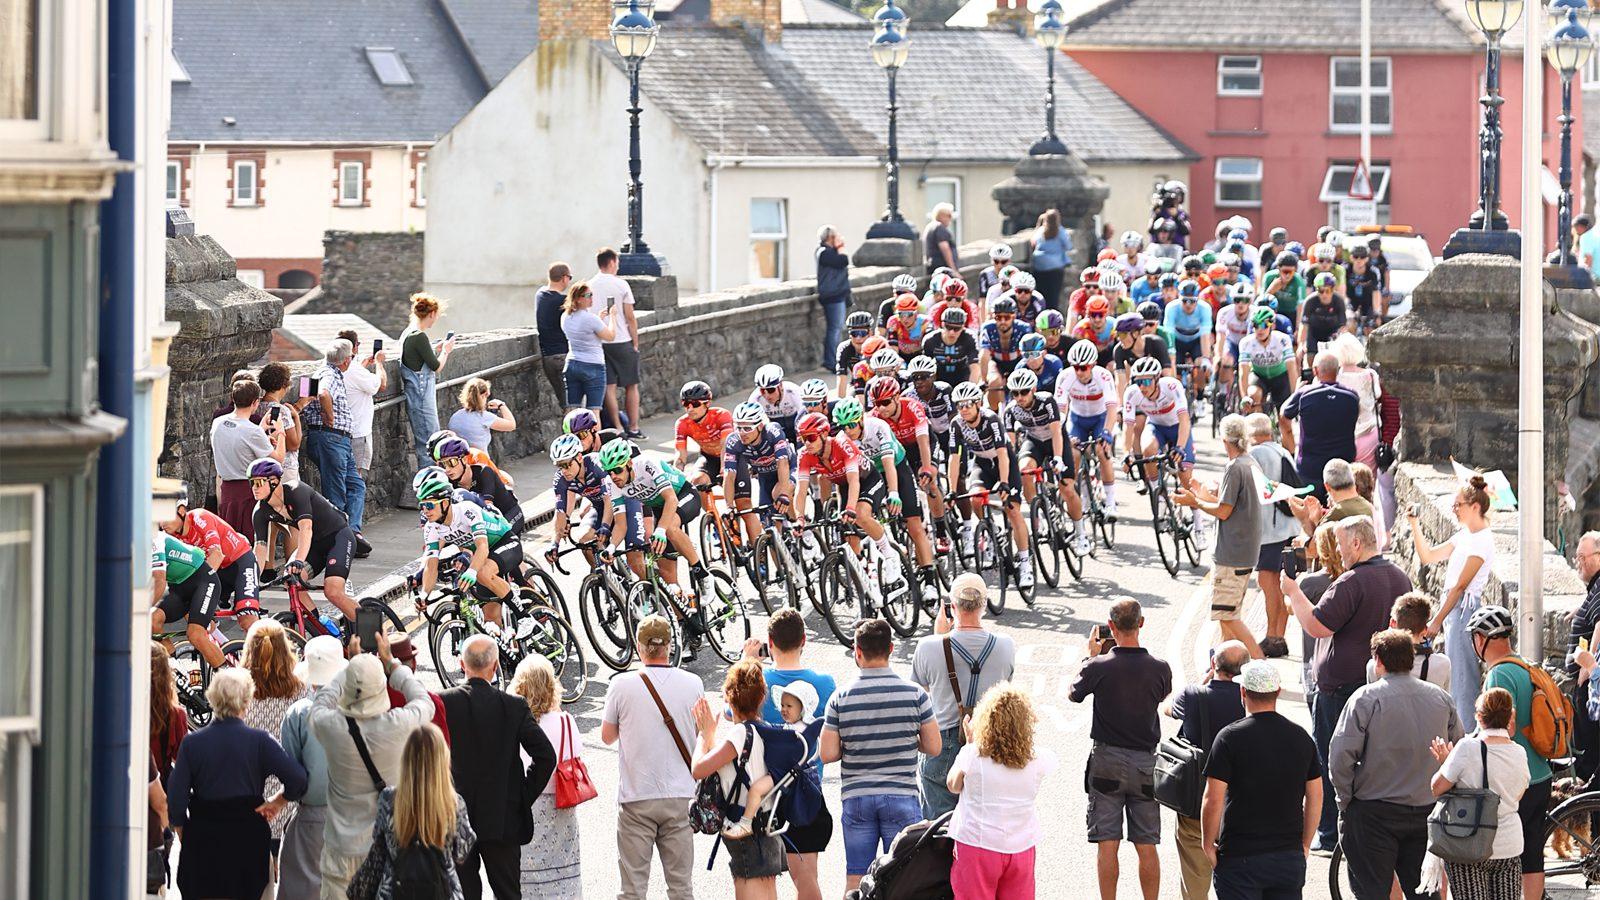 Tour of Britain spectator